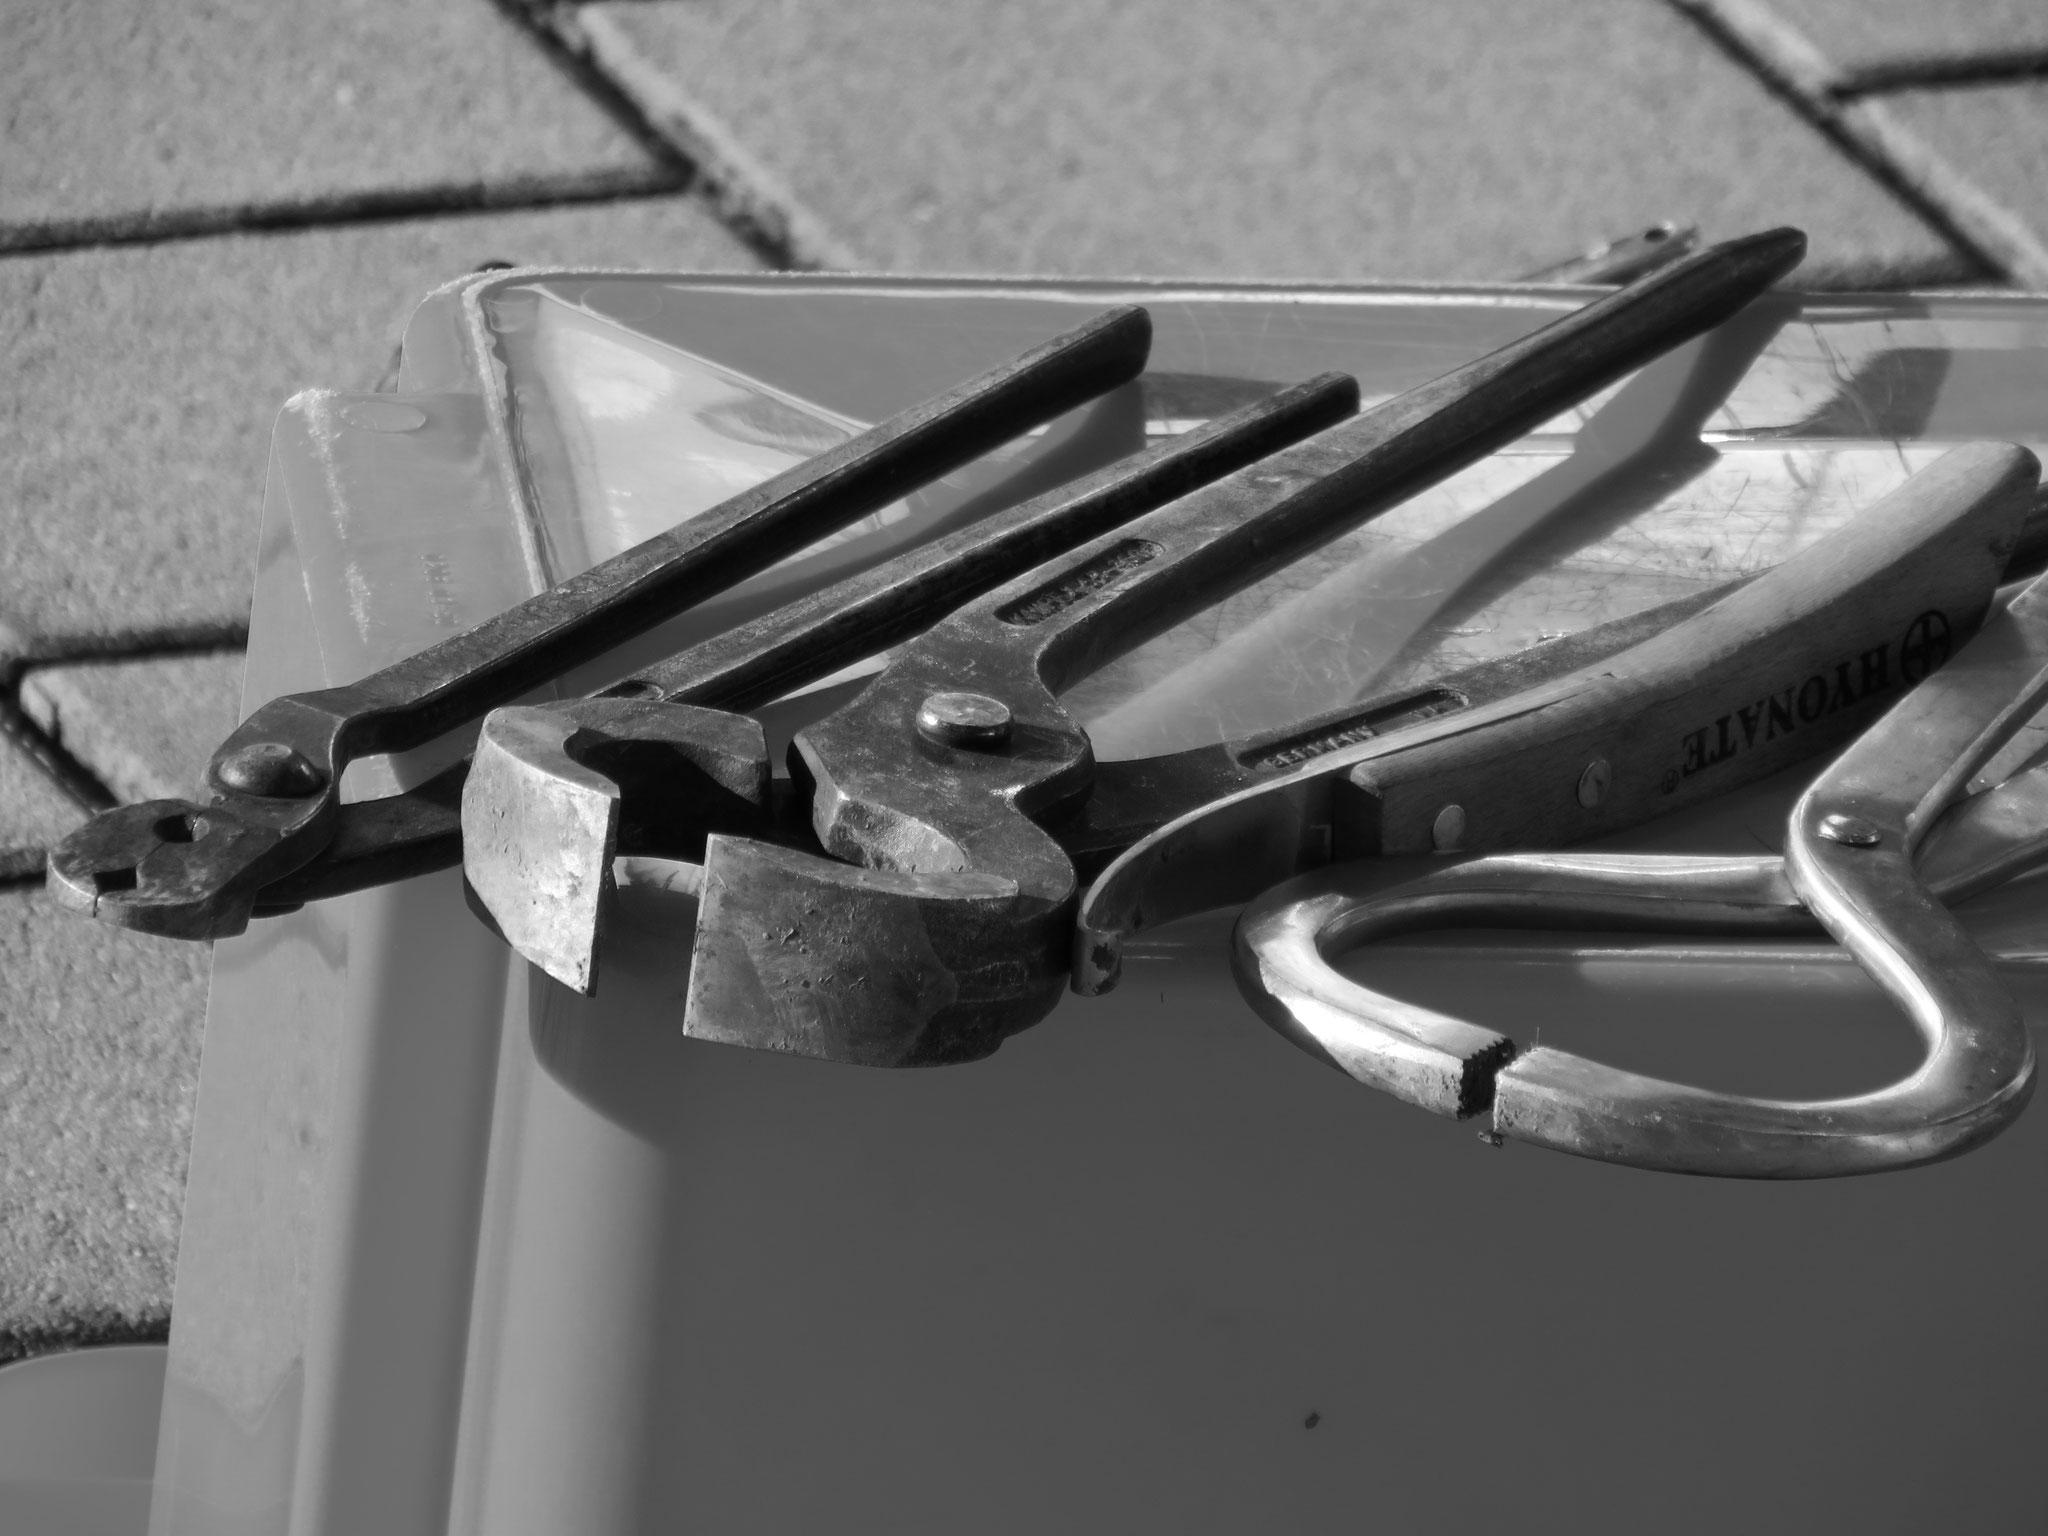 Instrumente zur Untersuchung der Hufe